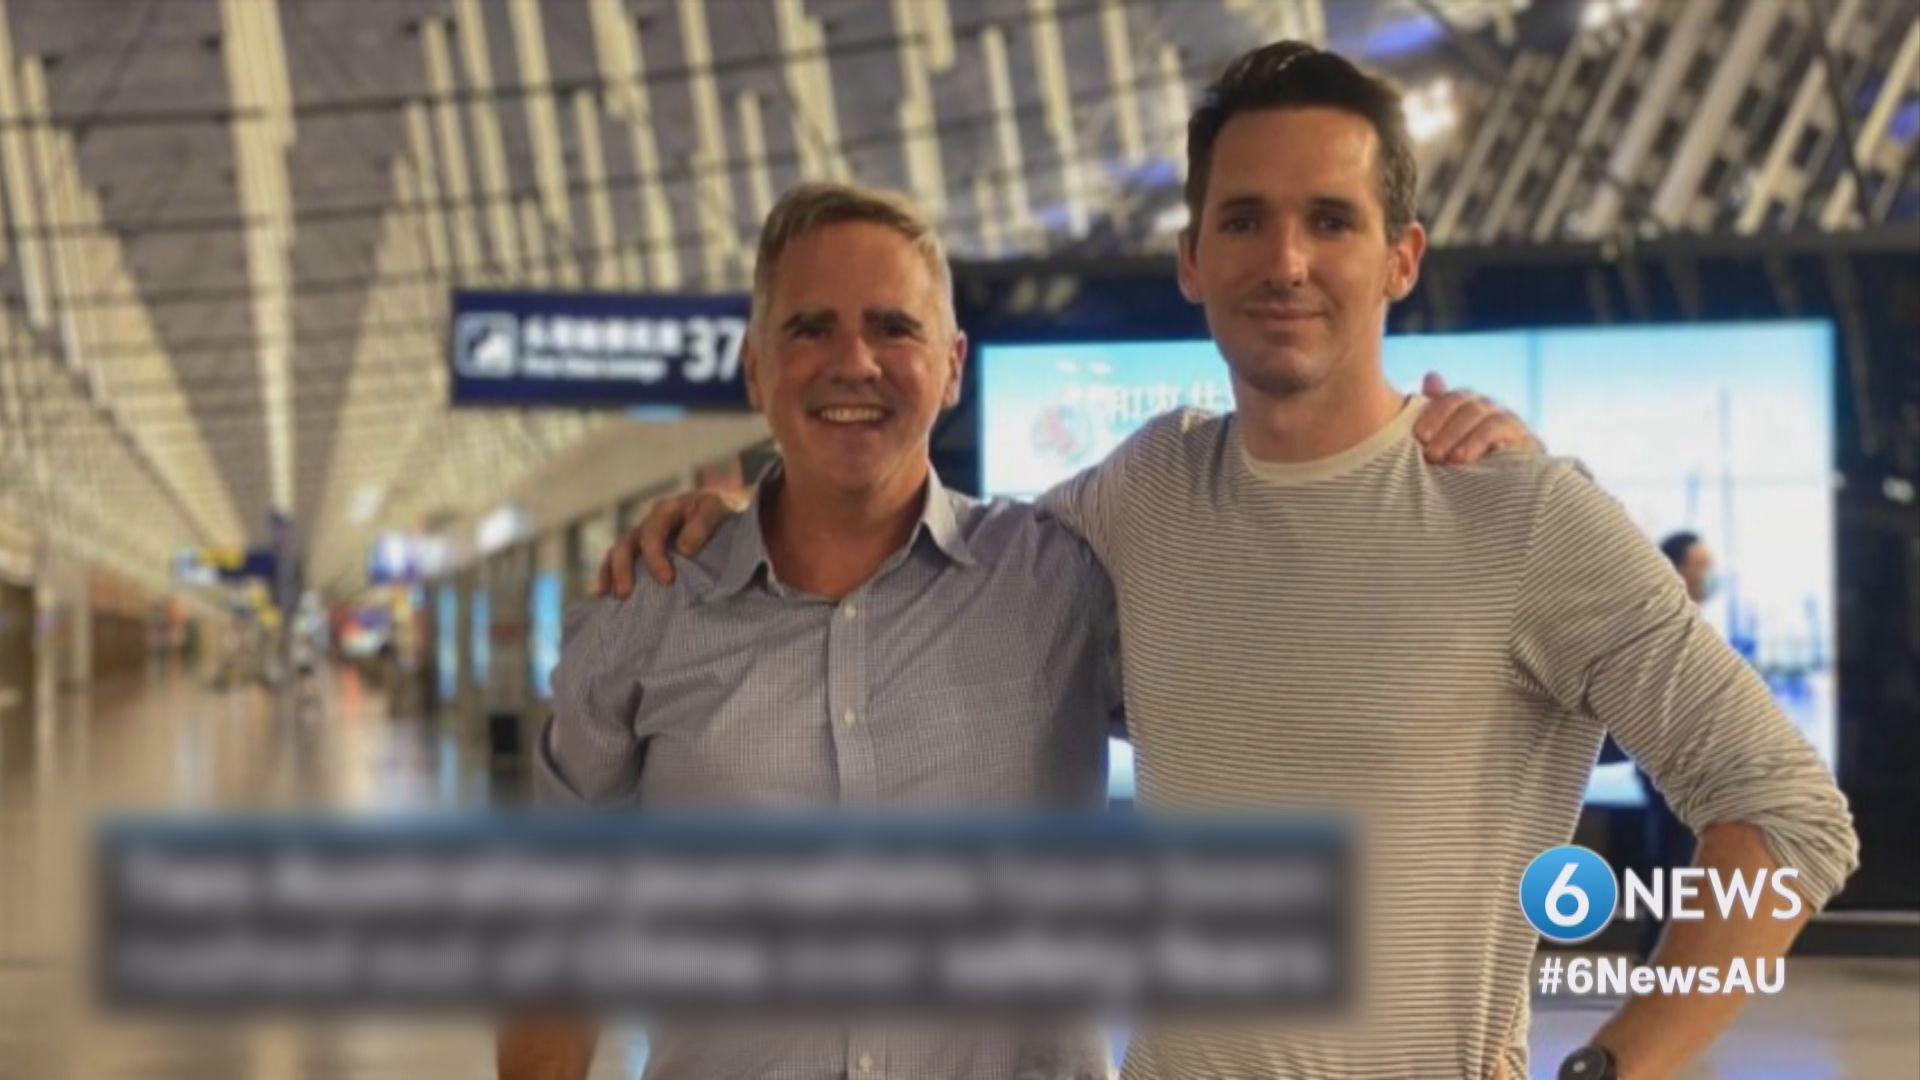 兩名駐華澳洲記者一度被禁離境 接受問話後返回澳洲